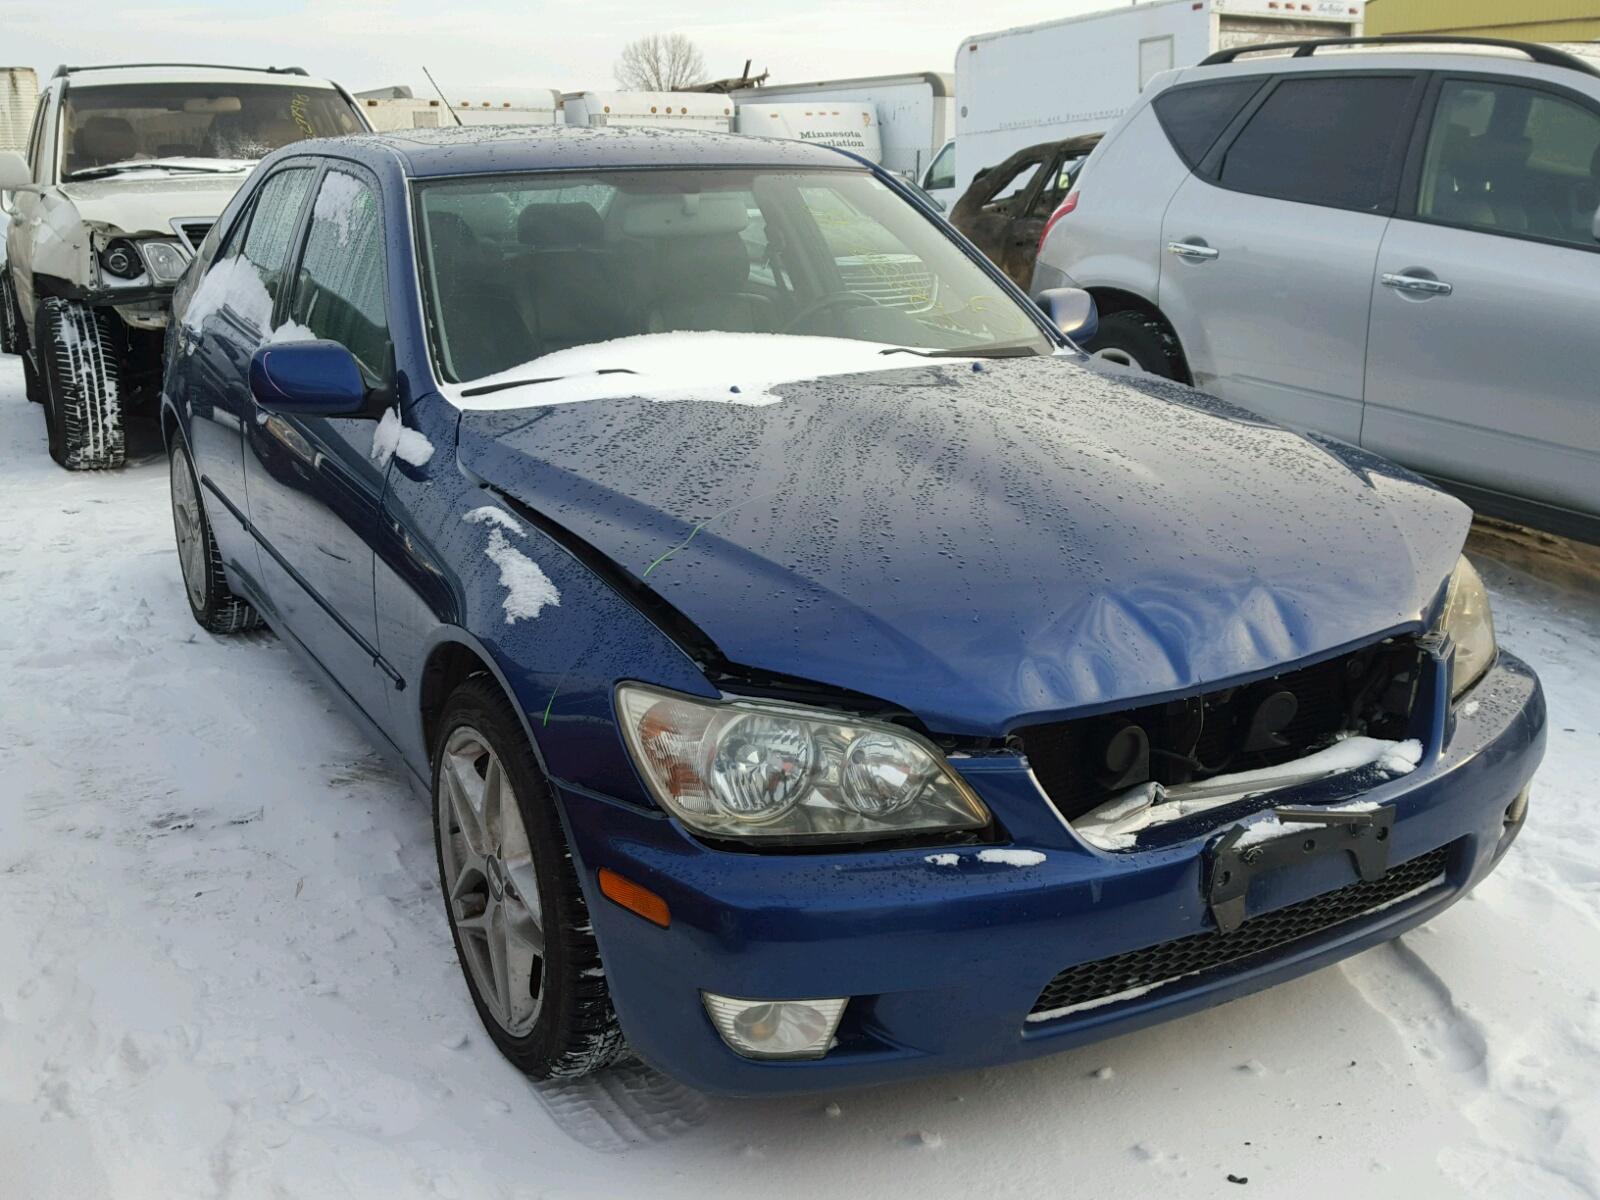 Auto Auction Ended on VIN: JTHBD192920034253 2002 Lexus Is 300 in MN -  Minneapolis